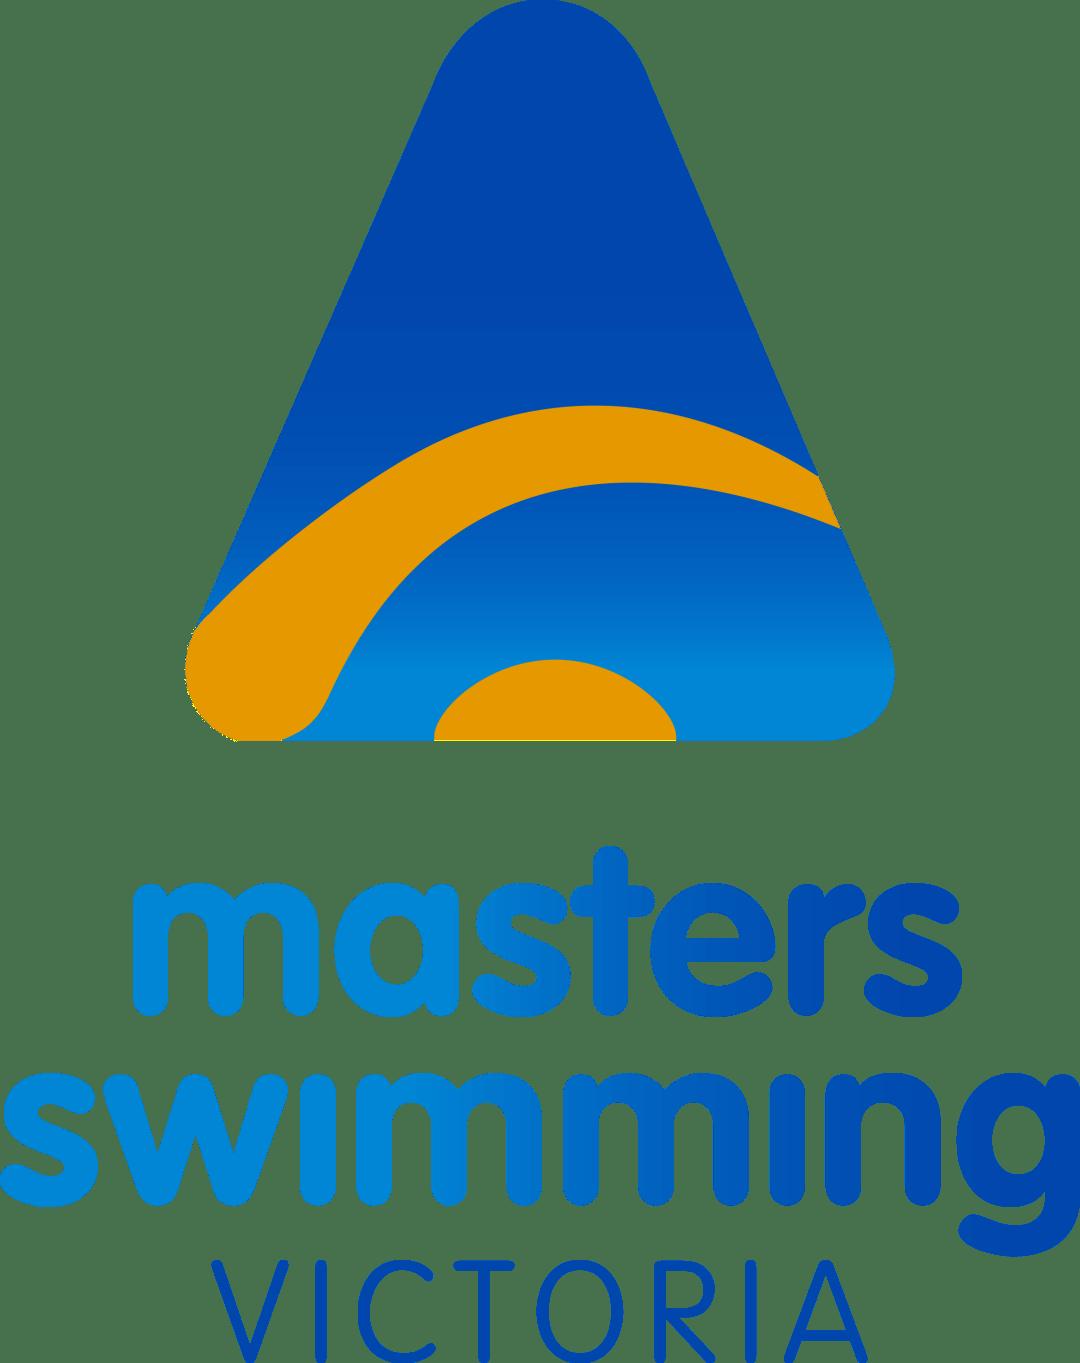 Masters Swimming Victoria